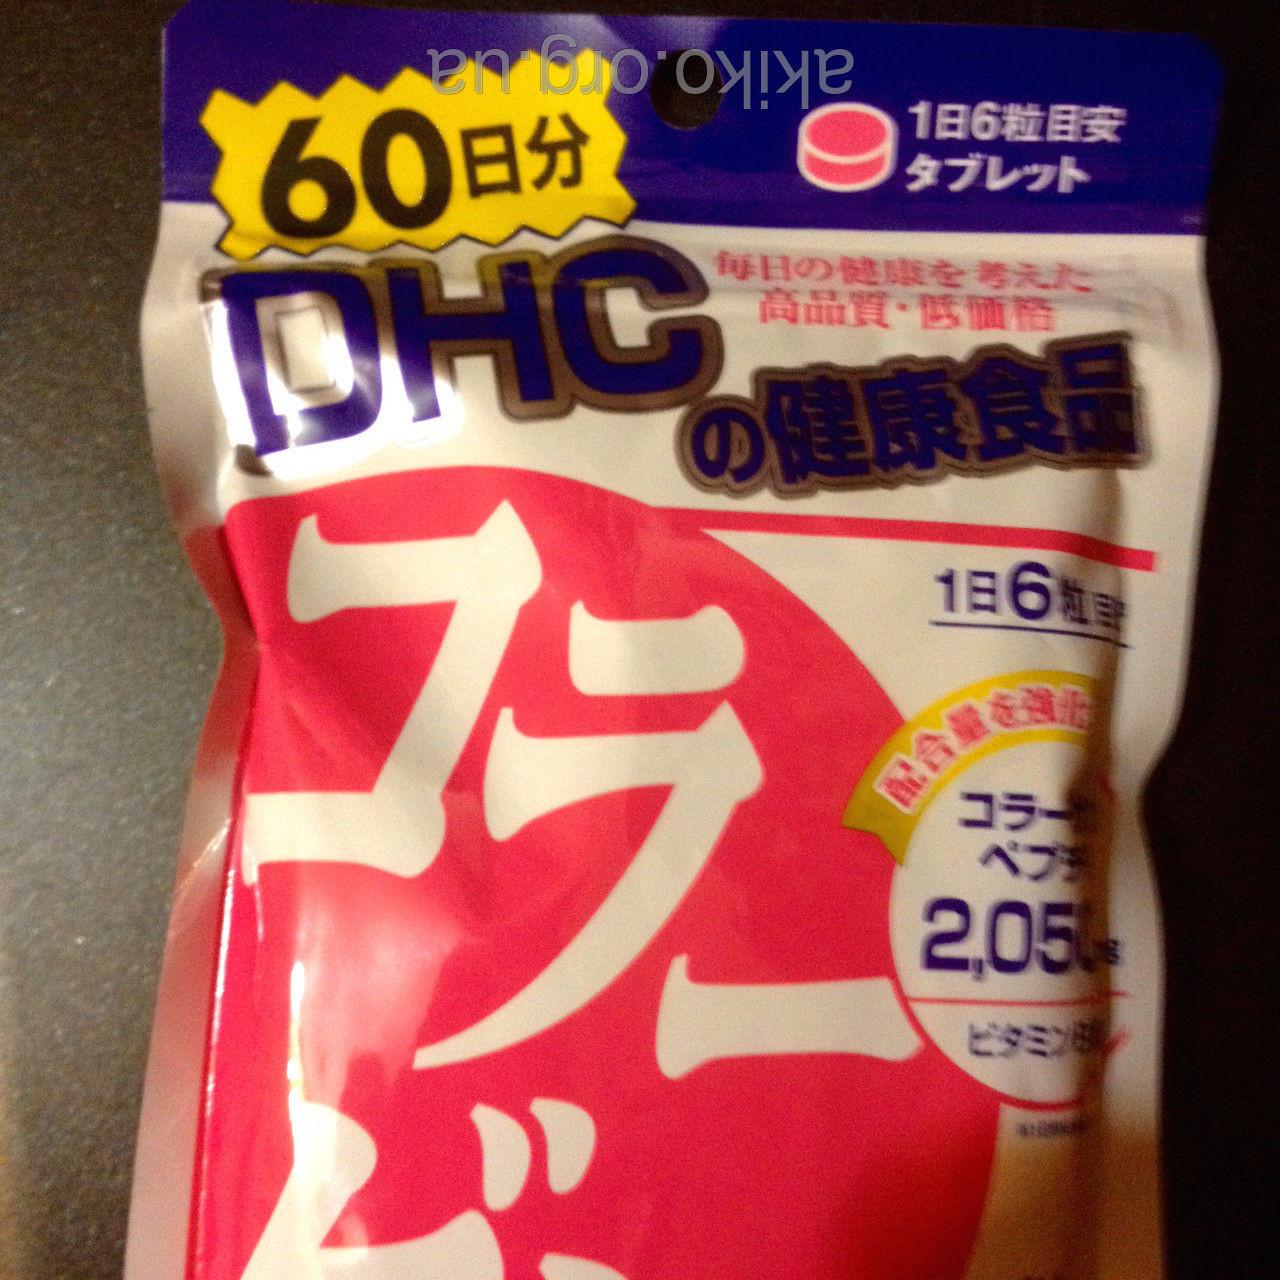 Коллаген рыбный + витамины. Курс 60 дней. Упругая кожа, крепкие суставы ( DHC, Япония)